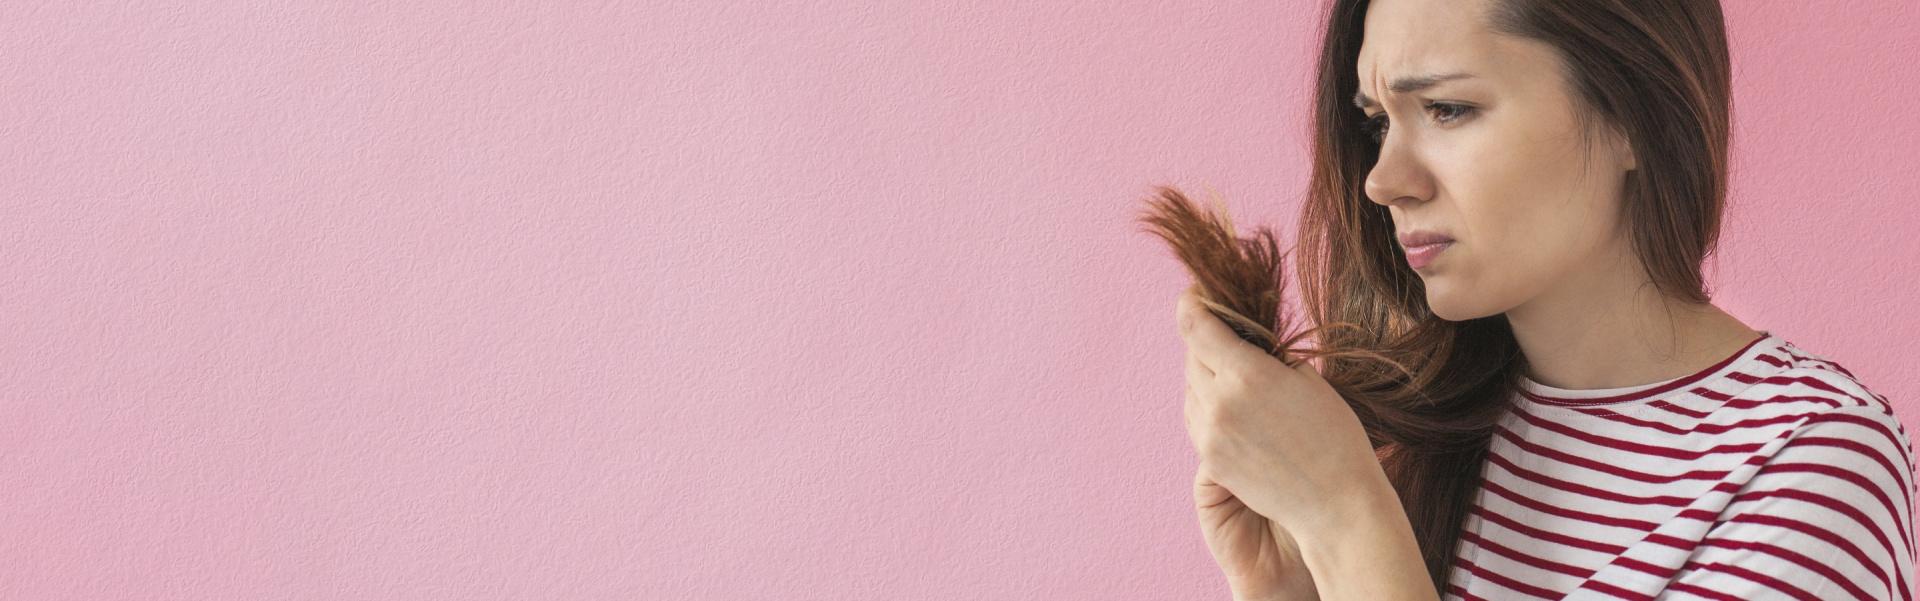 """<p><span style=""""color:#FFF0F5;"""">Sabies quepots arribar a perdre<br /> fins a 100 cabells al dia?</span></p>"""